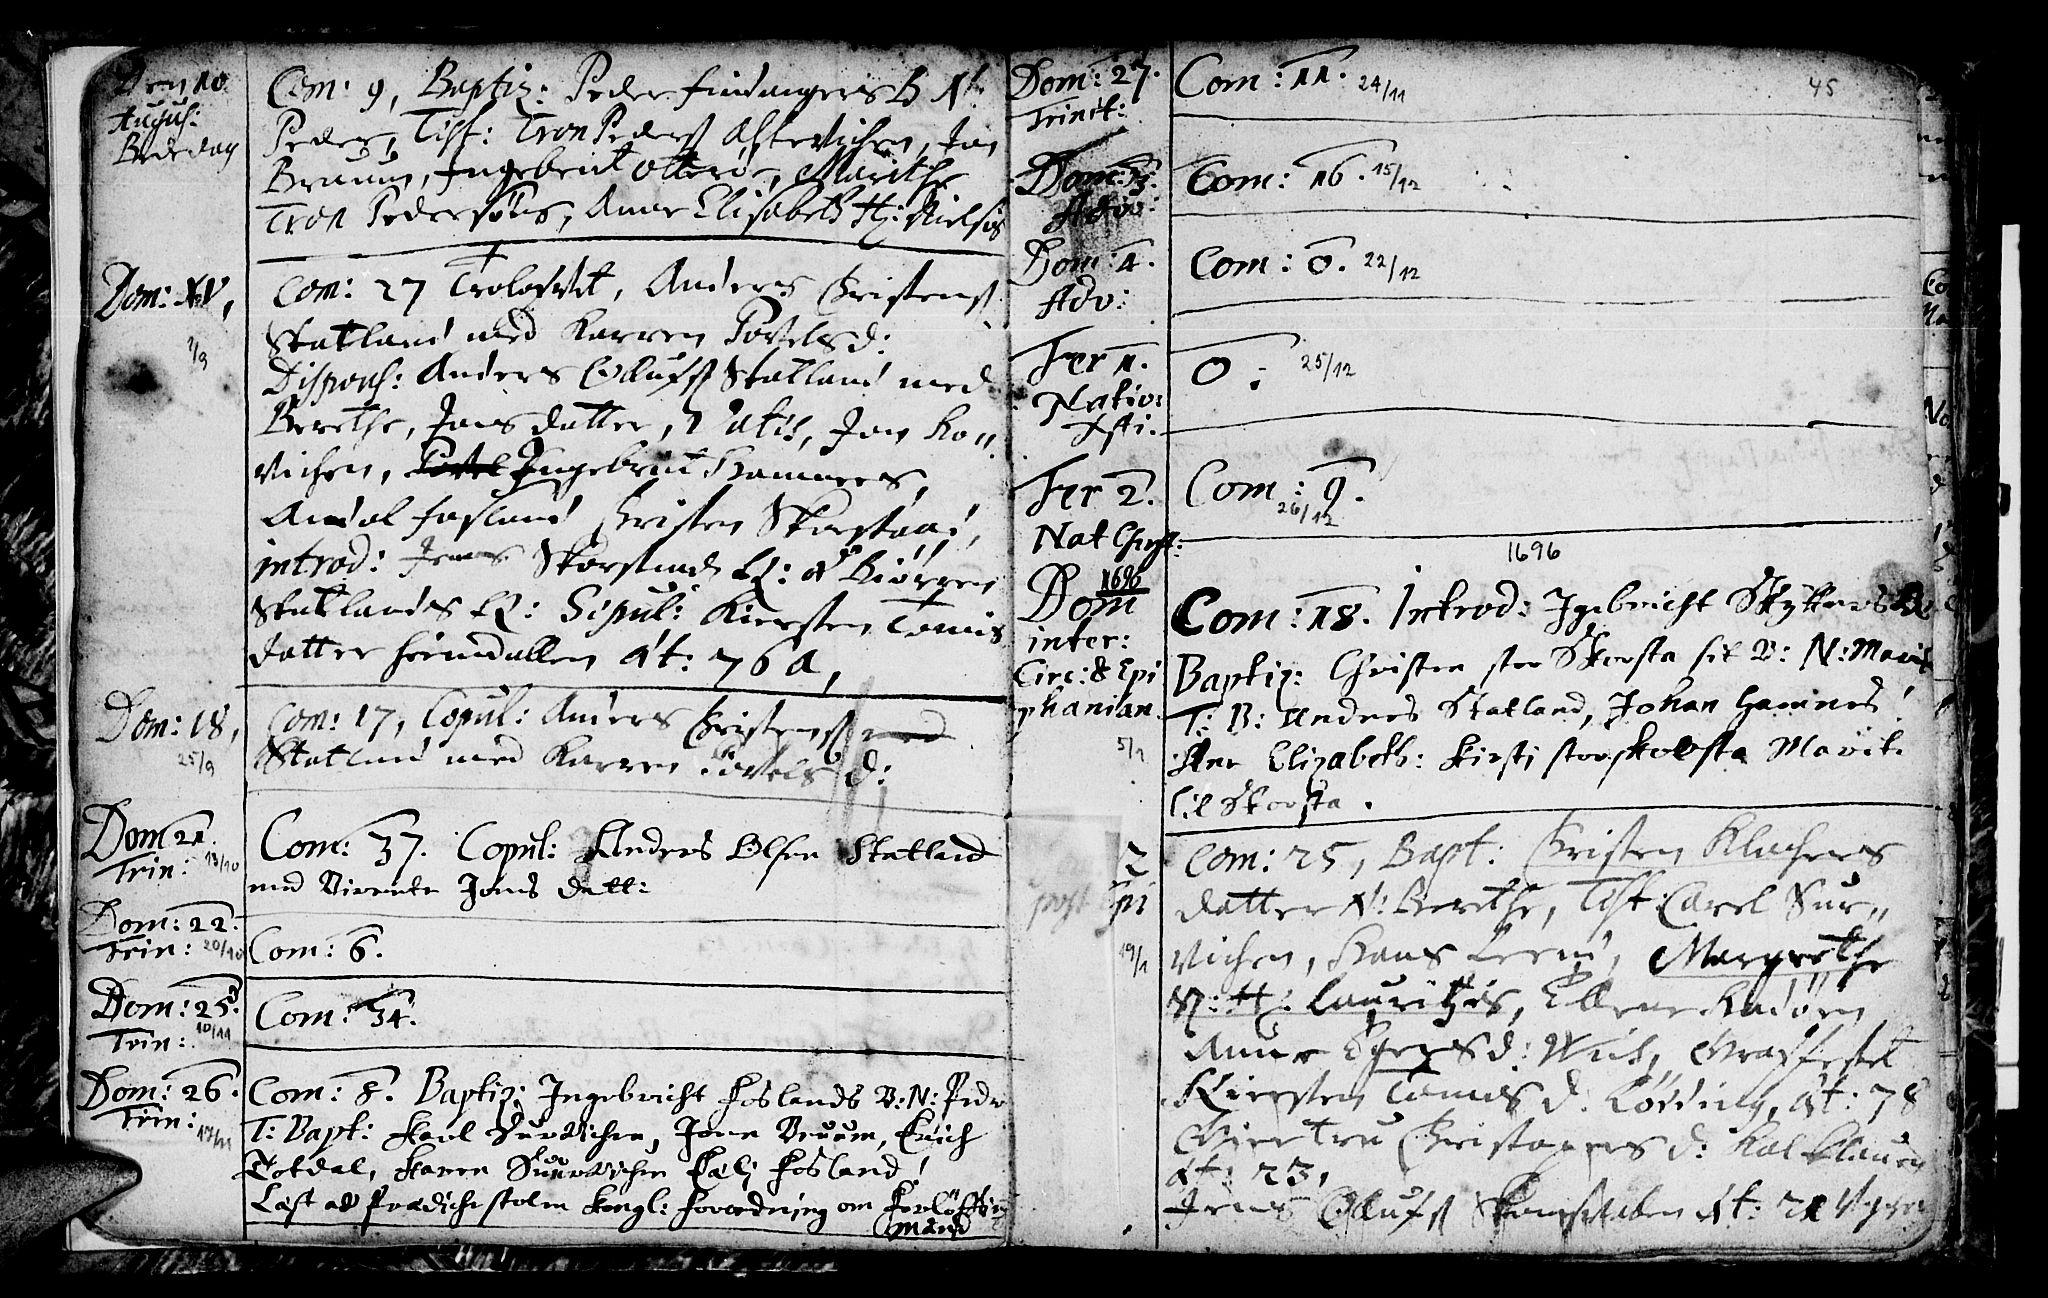 SAT, Ministerialprotokoller, klokkerbøker og fødselsregistre - Nord-Trøndelag, 774/L0627: Ministerialbok nr. 774A01, 1693-1738, s. 44-45